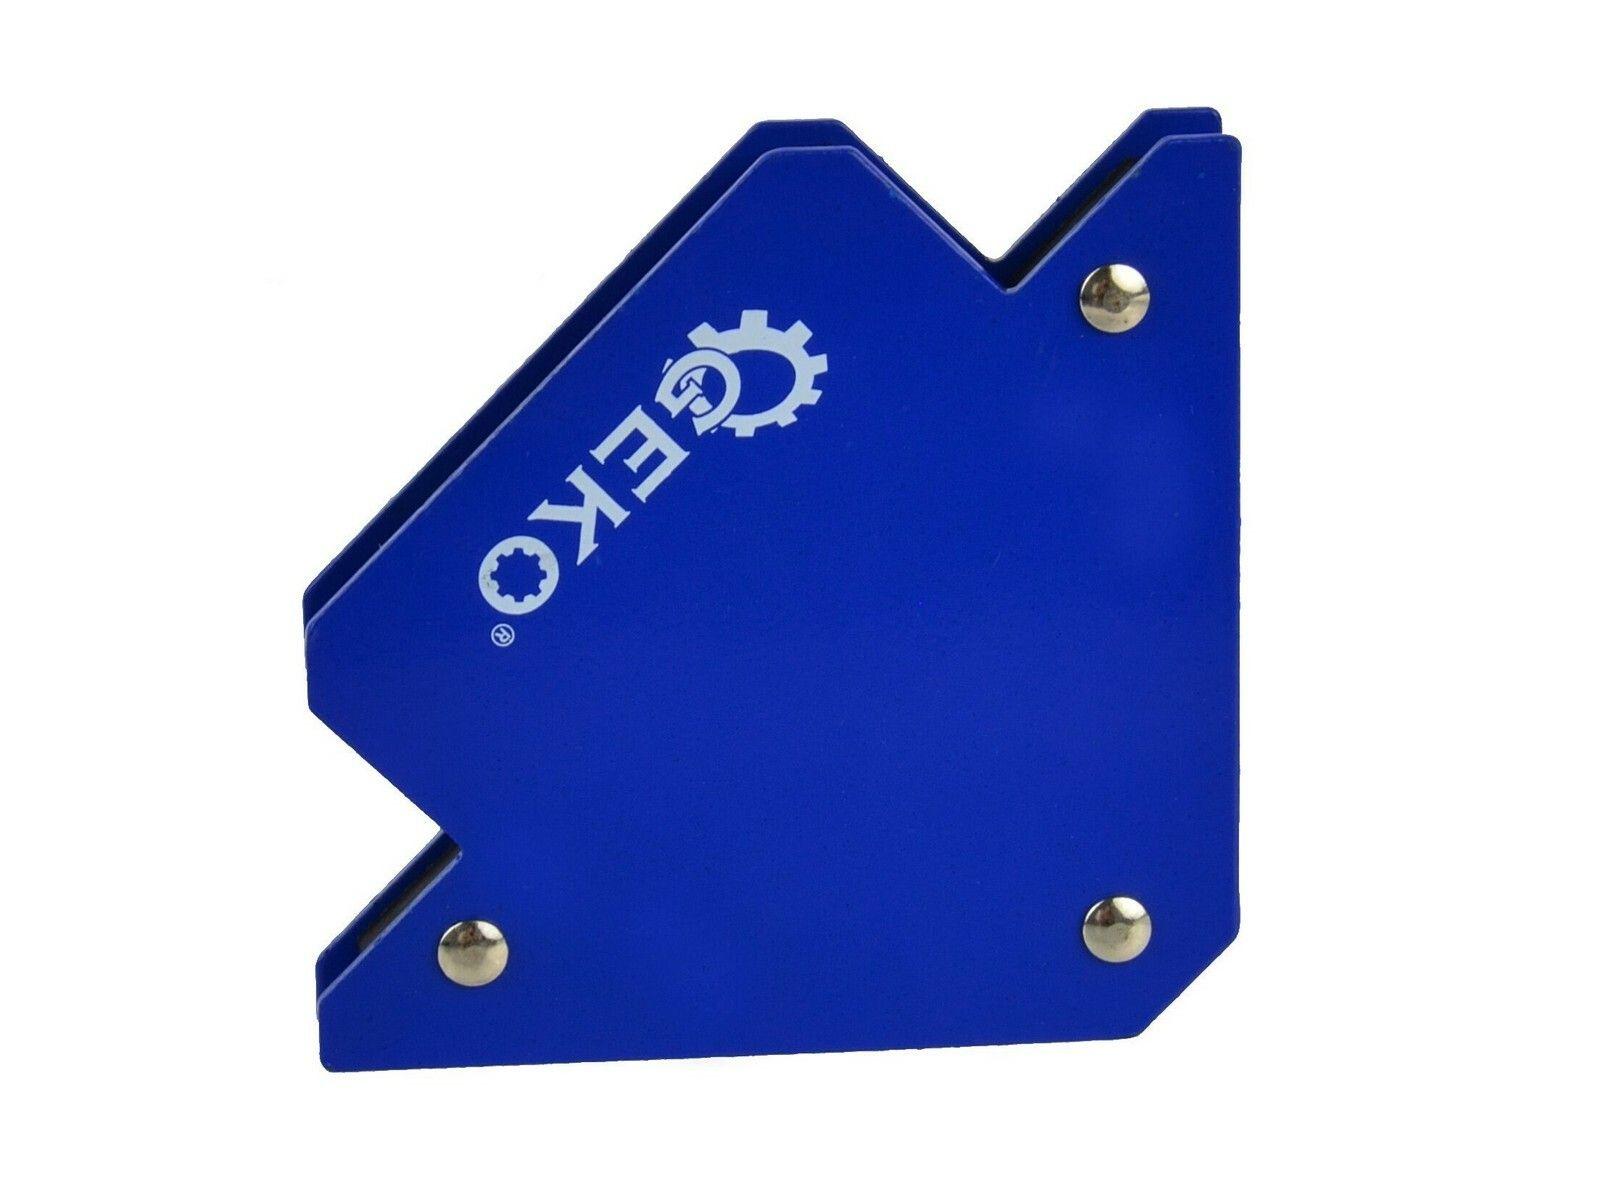 GEKO G01871 Svařovací magnet, magnetický úhelník, nosnost 11,5 kg